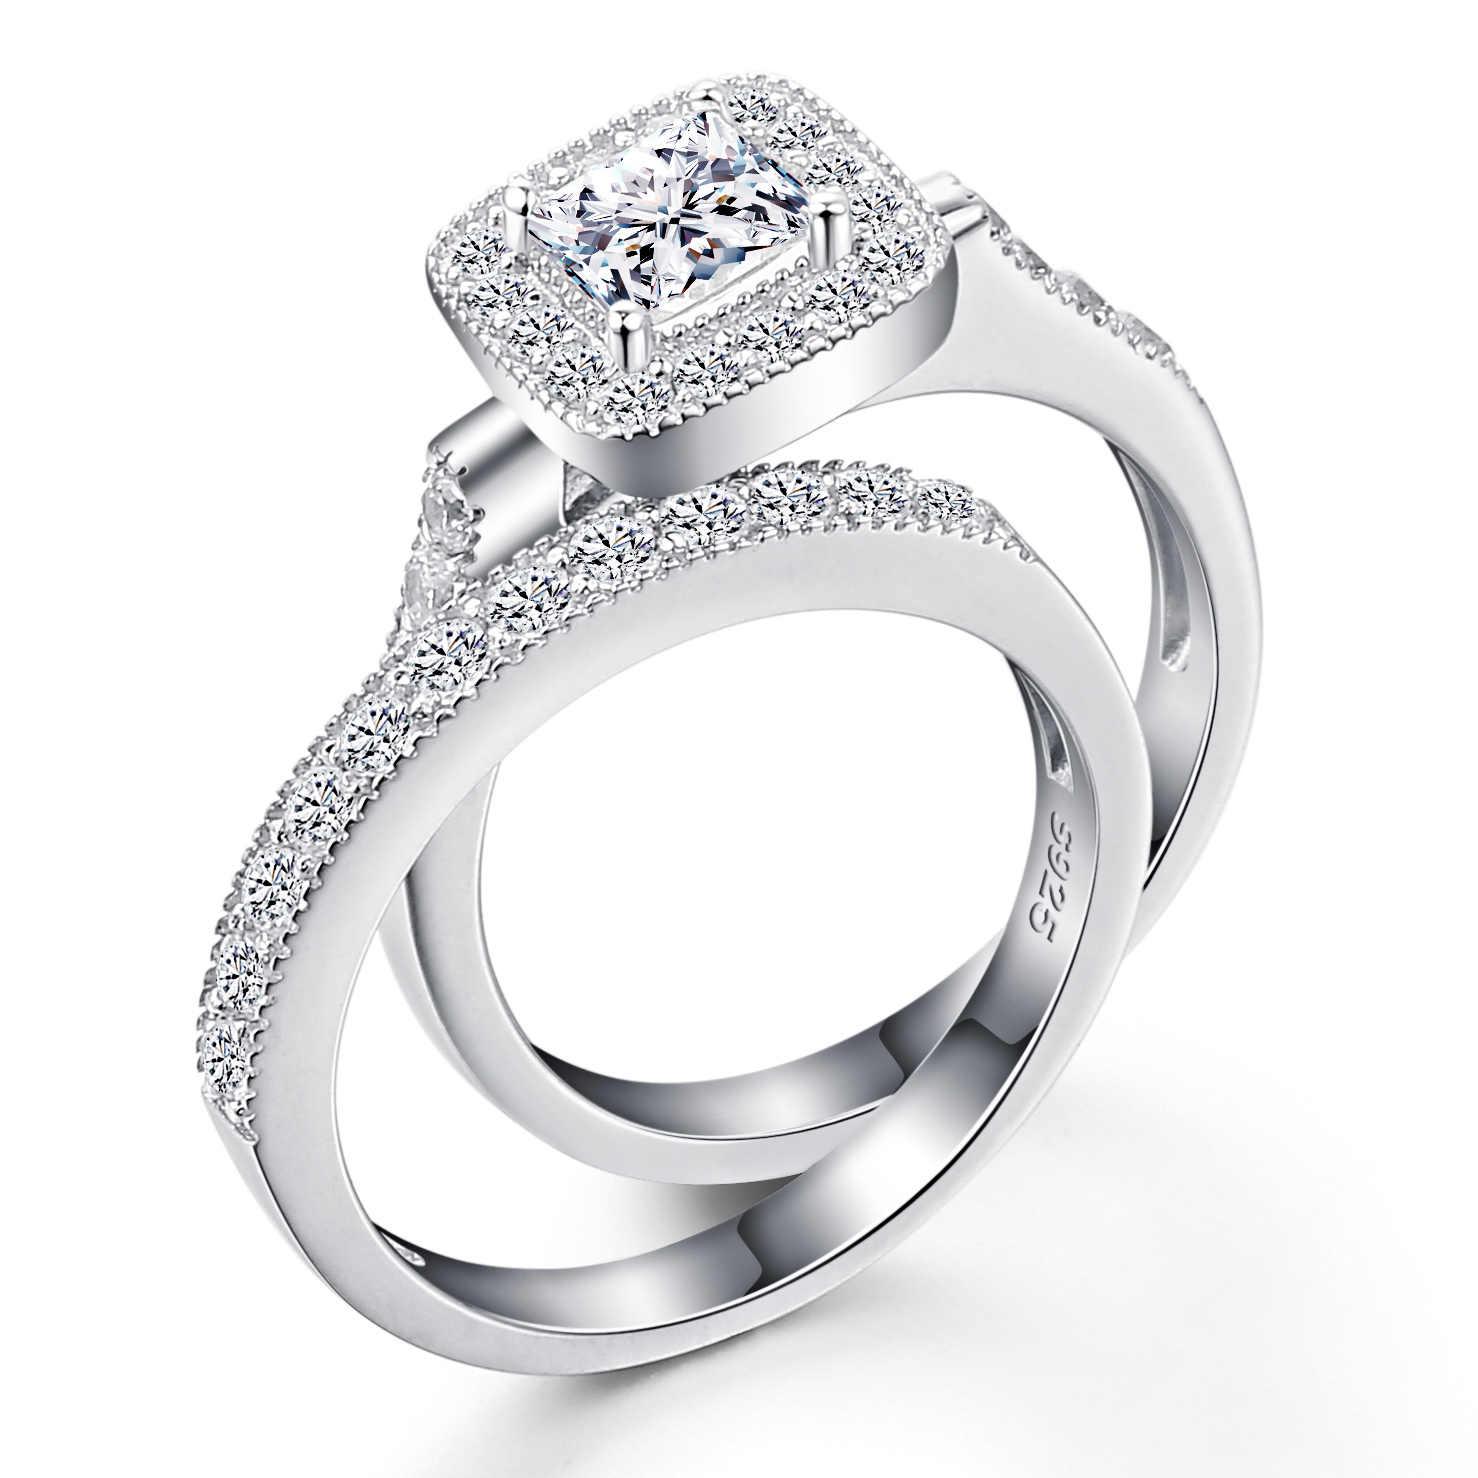 3,5 карат ограненные CZ кольца из стерлингового серебра квадратное многослойное кольцо 925 серебряные ювелирные изделия подарок для женщин кольцо для помолвки кольцо SR11